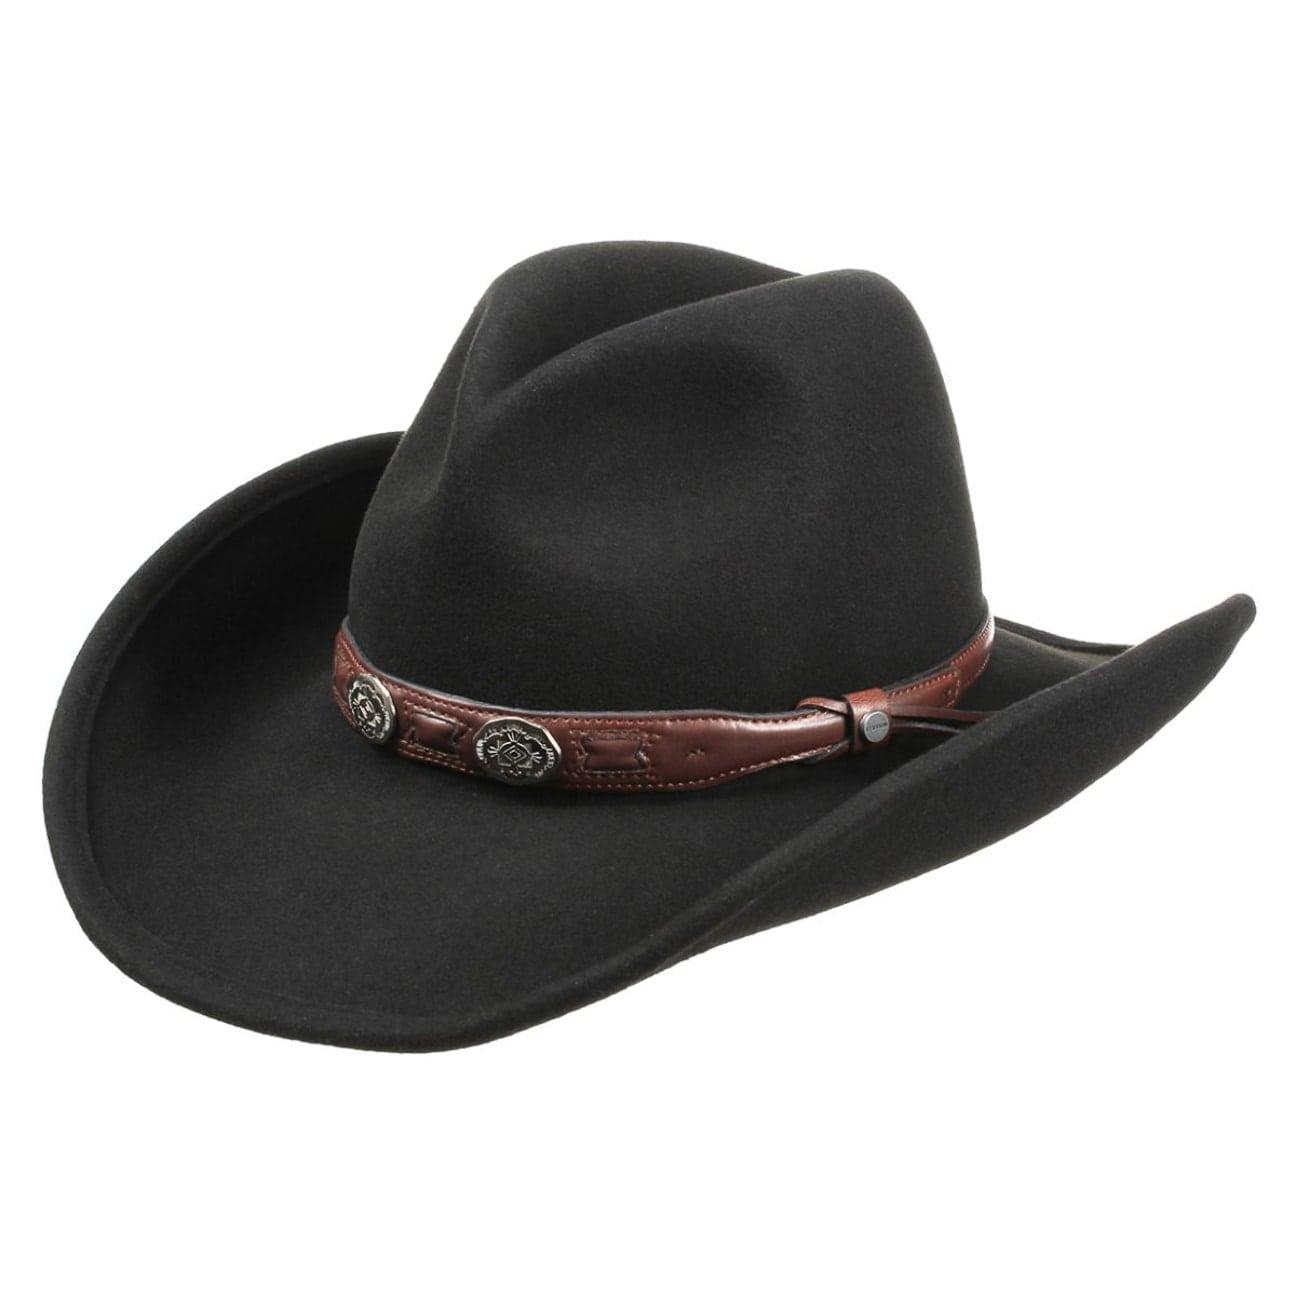 a87699777fc06 Sombrero Cowboy Roy by Stetson - Sombreros - sombreroshop.es